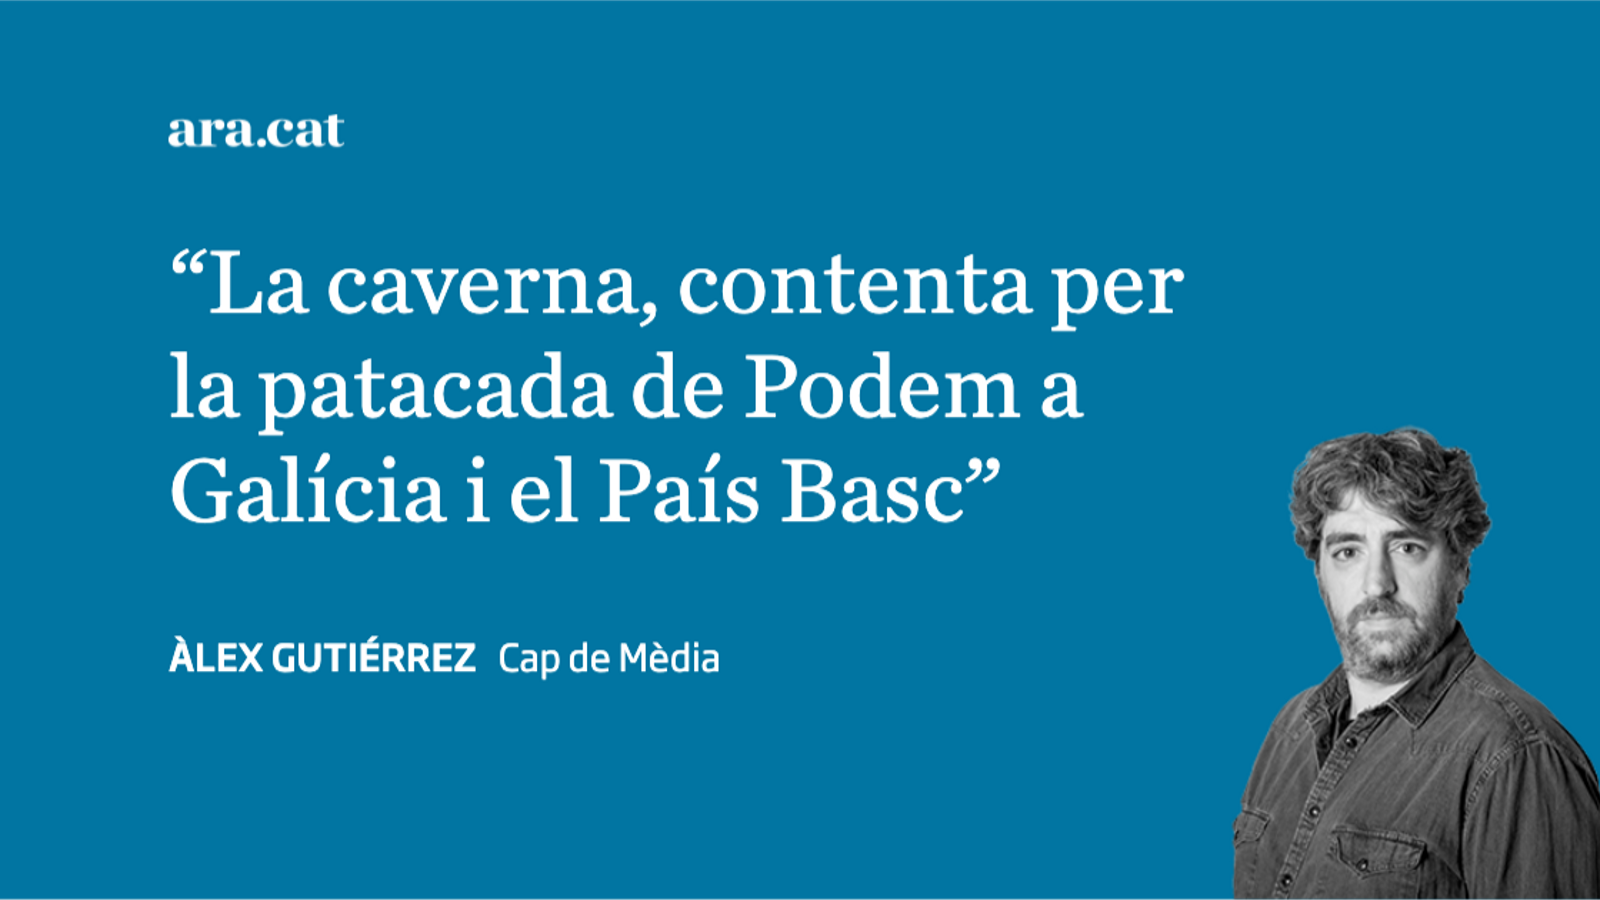 'La Razón', aquell culer que celebra el descens de l'Espanyol